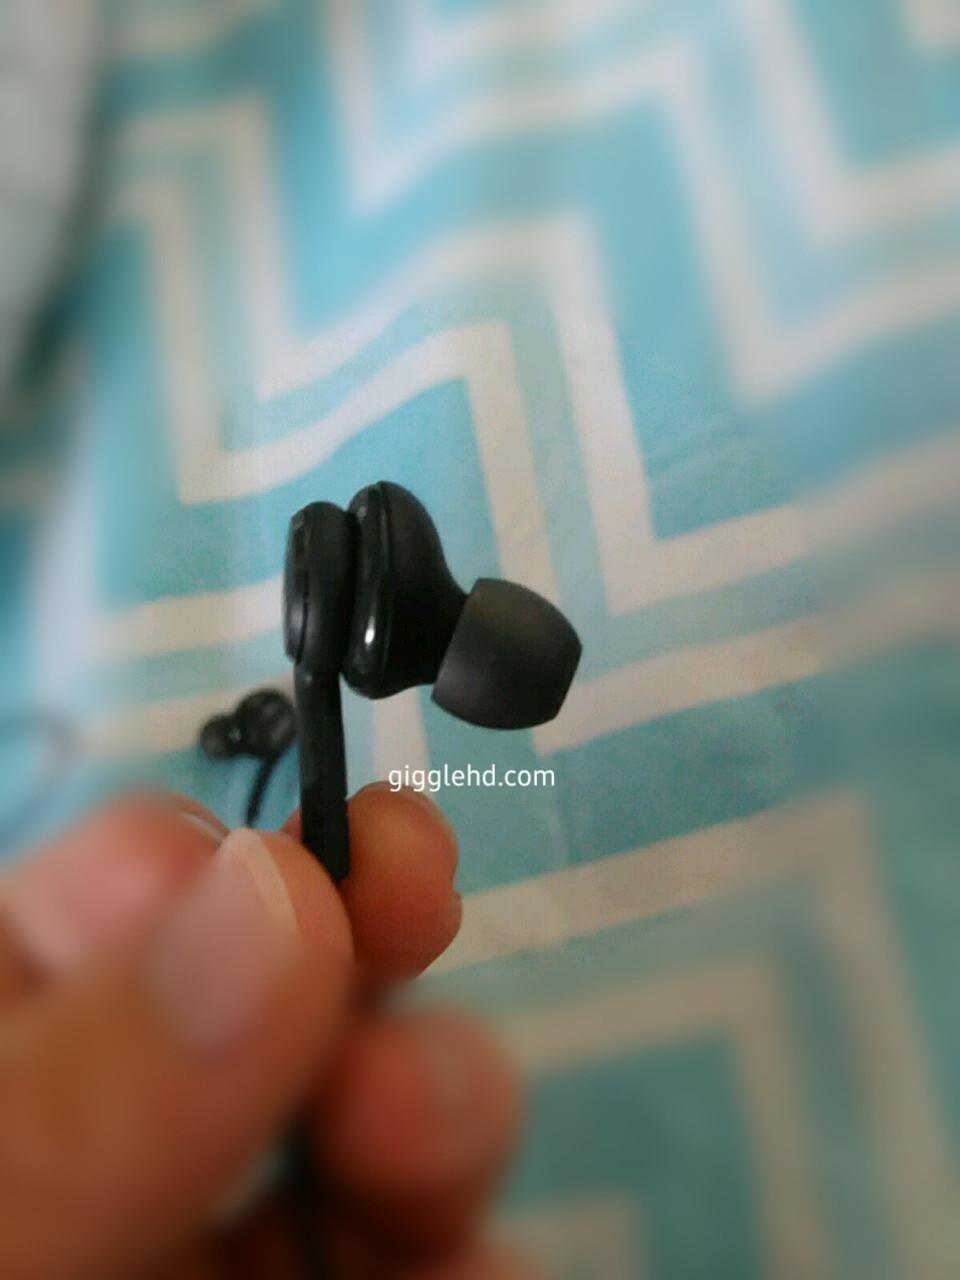 1490008675_galaxy-s8-akg-branded-earphones-3.jpg